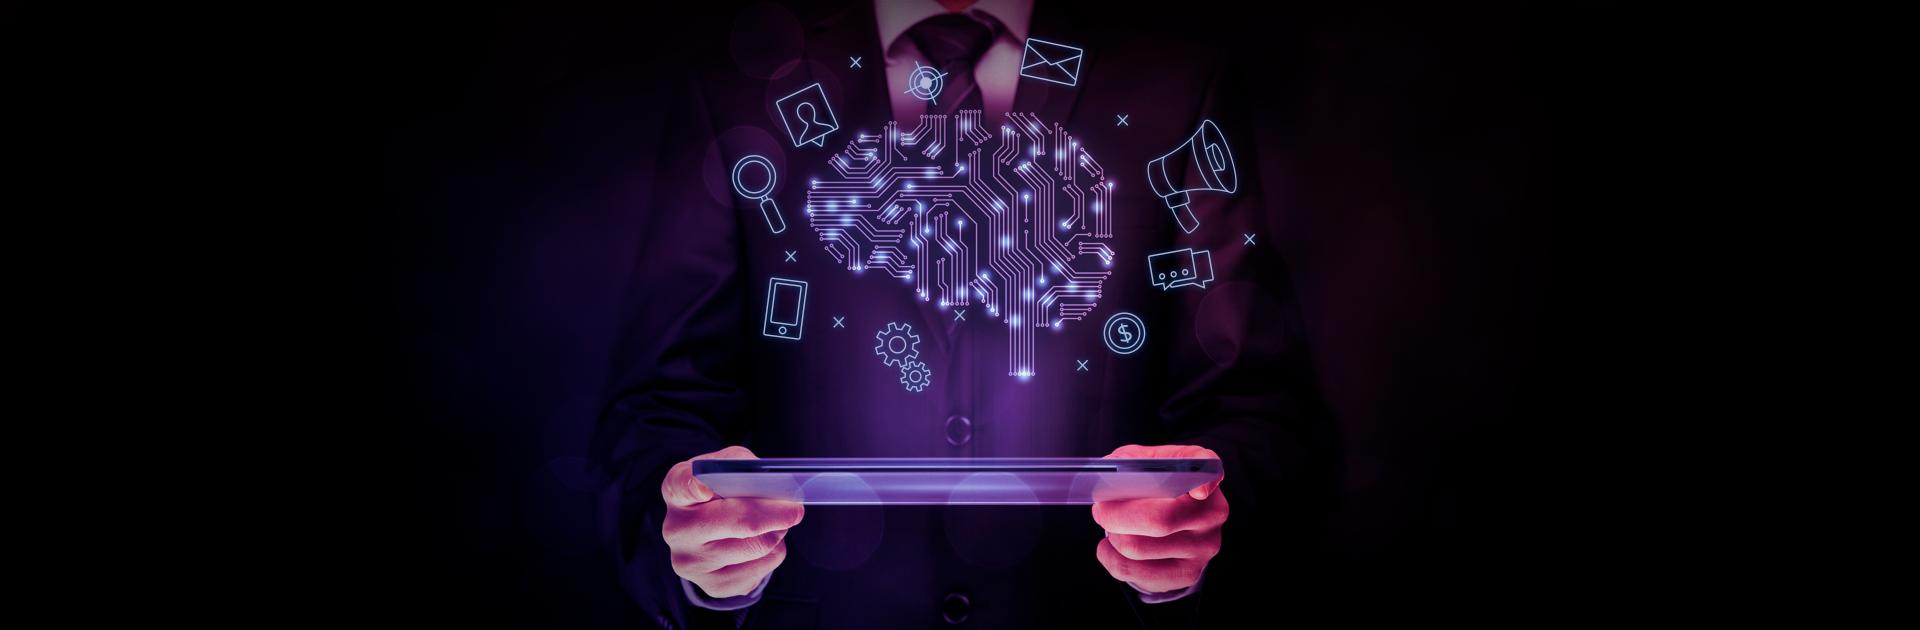 Tecnologias que vão impactar o marketing digital em 2018